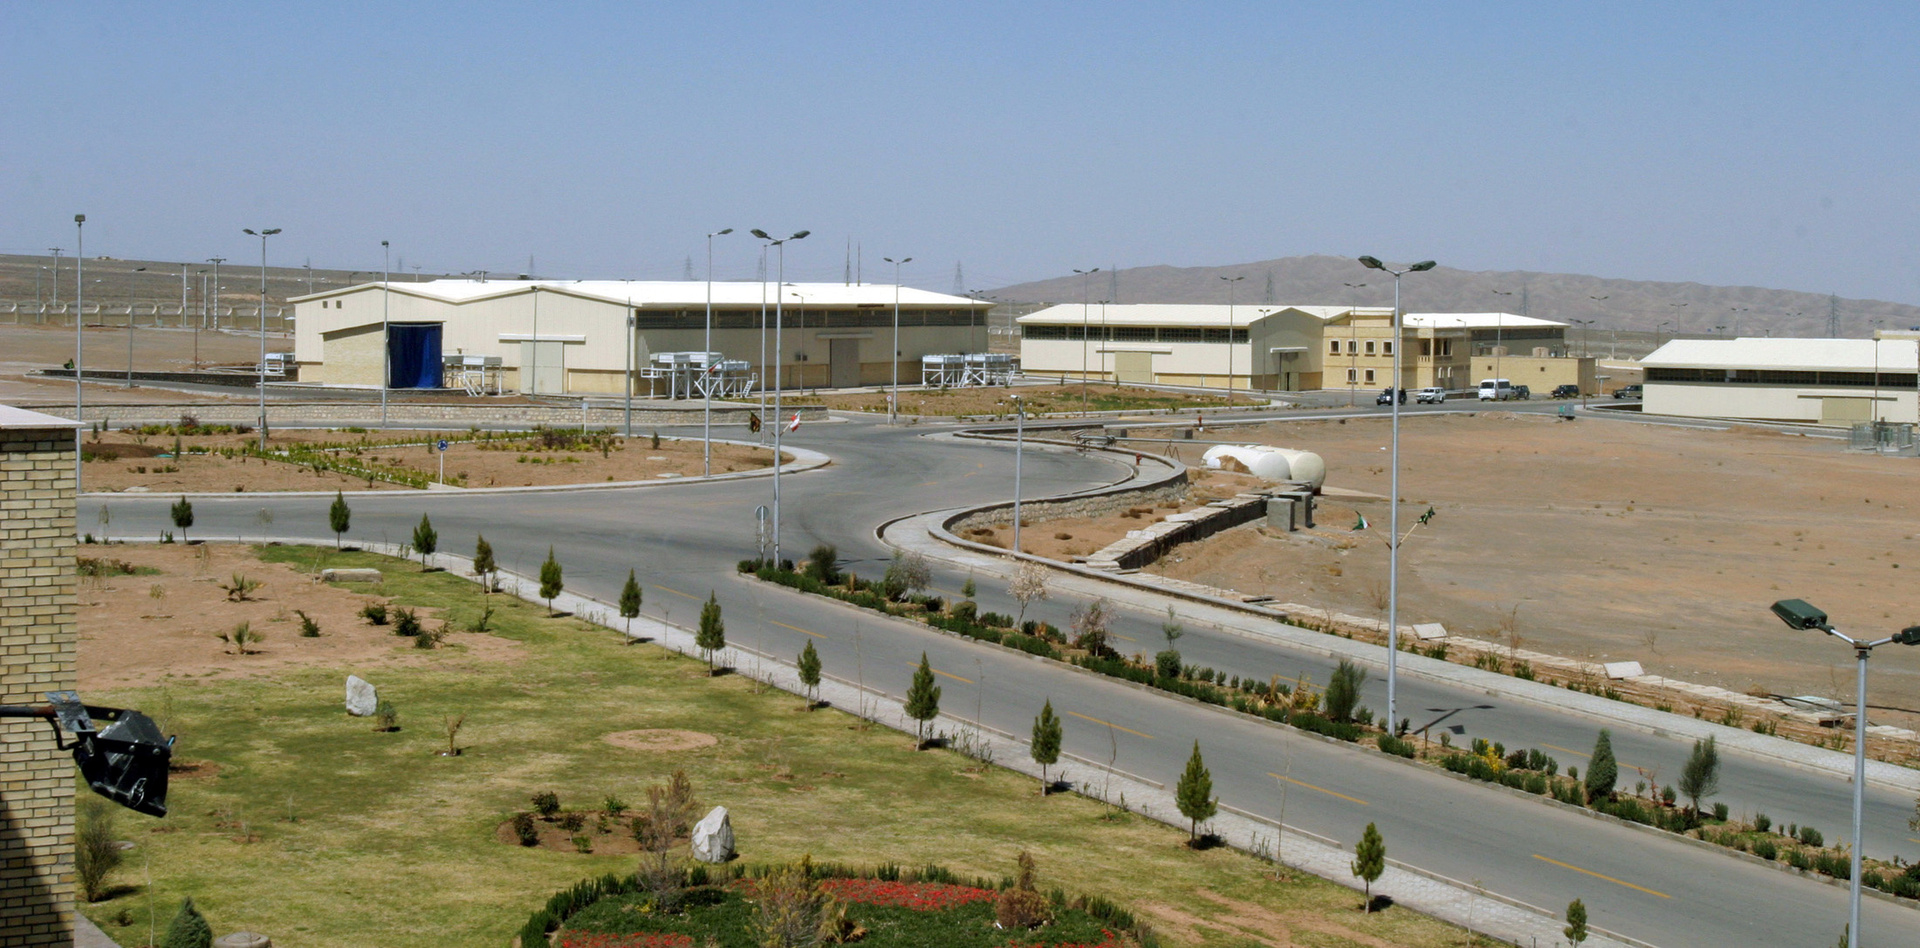 وكالة الطاقة الذرية: إيران تخصب اليورانيوم بمجموعة ثالثة لأجهزة الطرد المركزي المتطورة